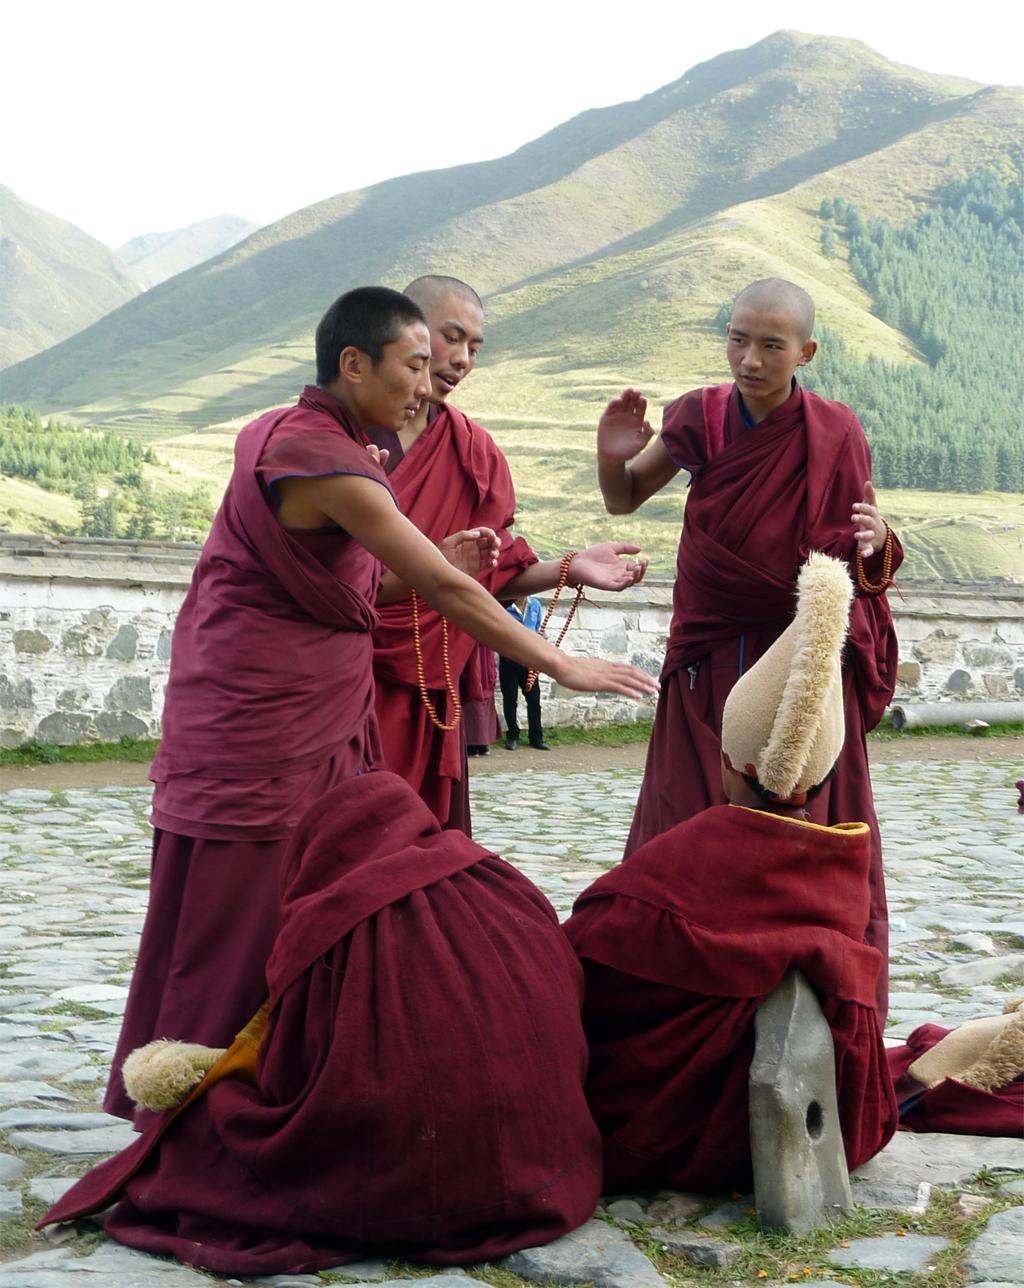 debaing-monks-s1